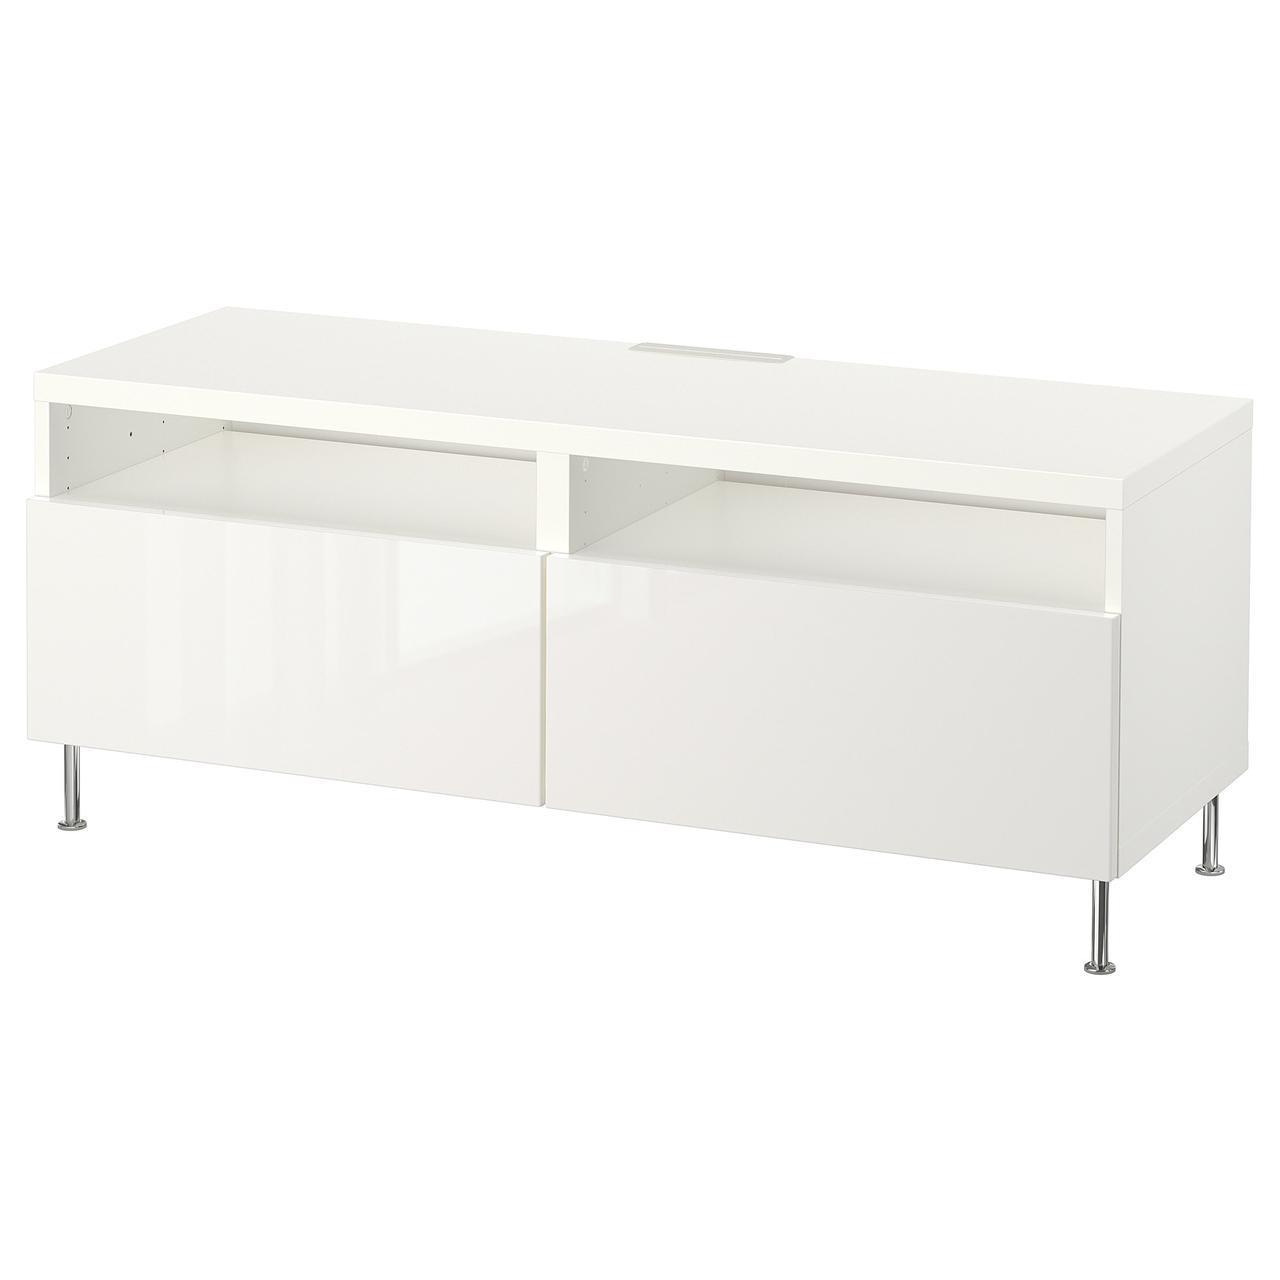 IKEA BESTA Тумба под телевизор с ящиками, белый, Сельсвикен/Сталларп глянцевый/белый  (592.671.77)